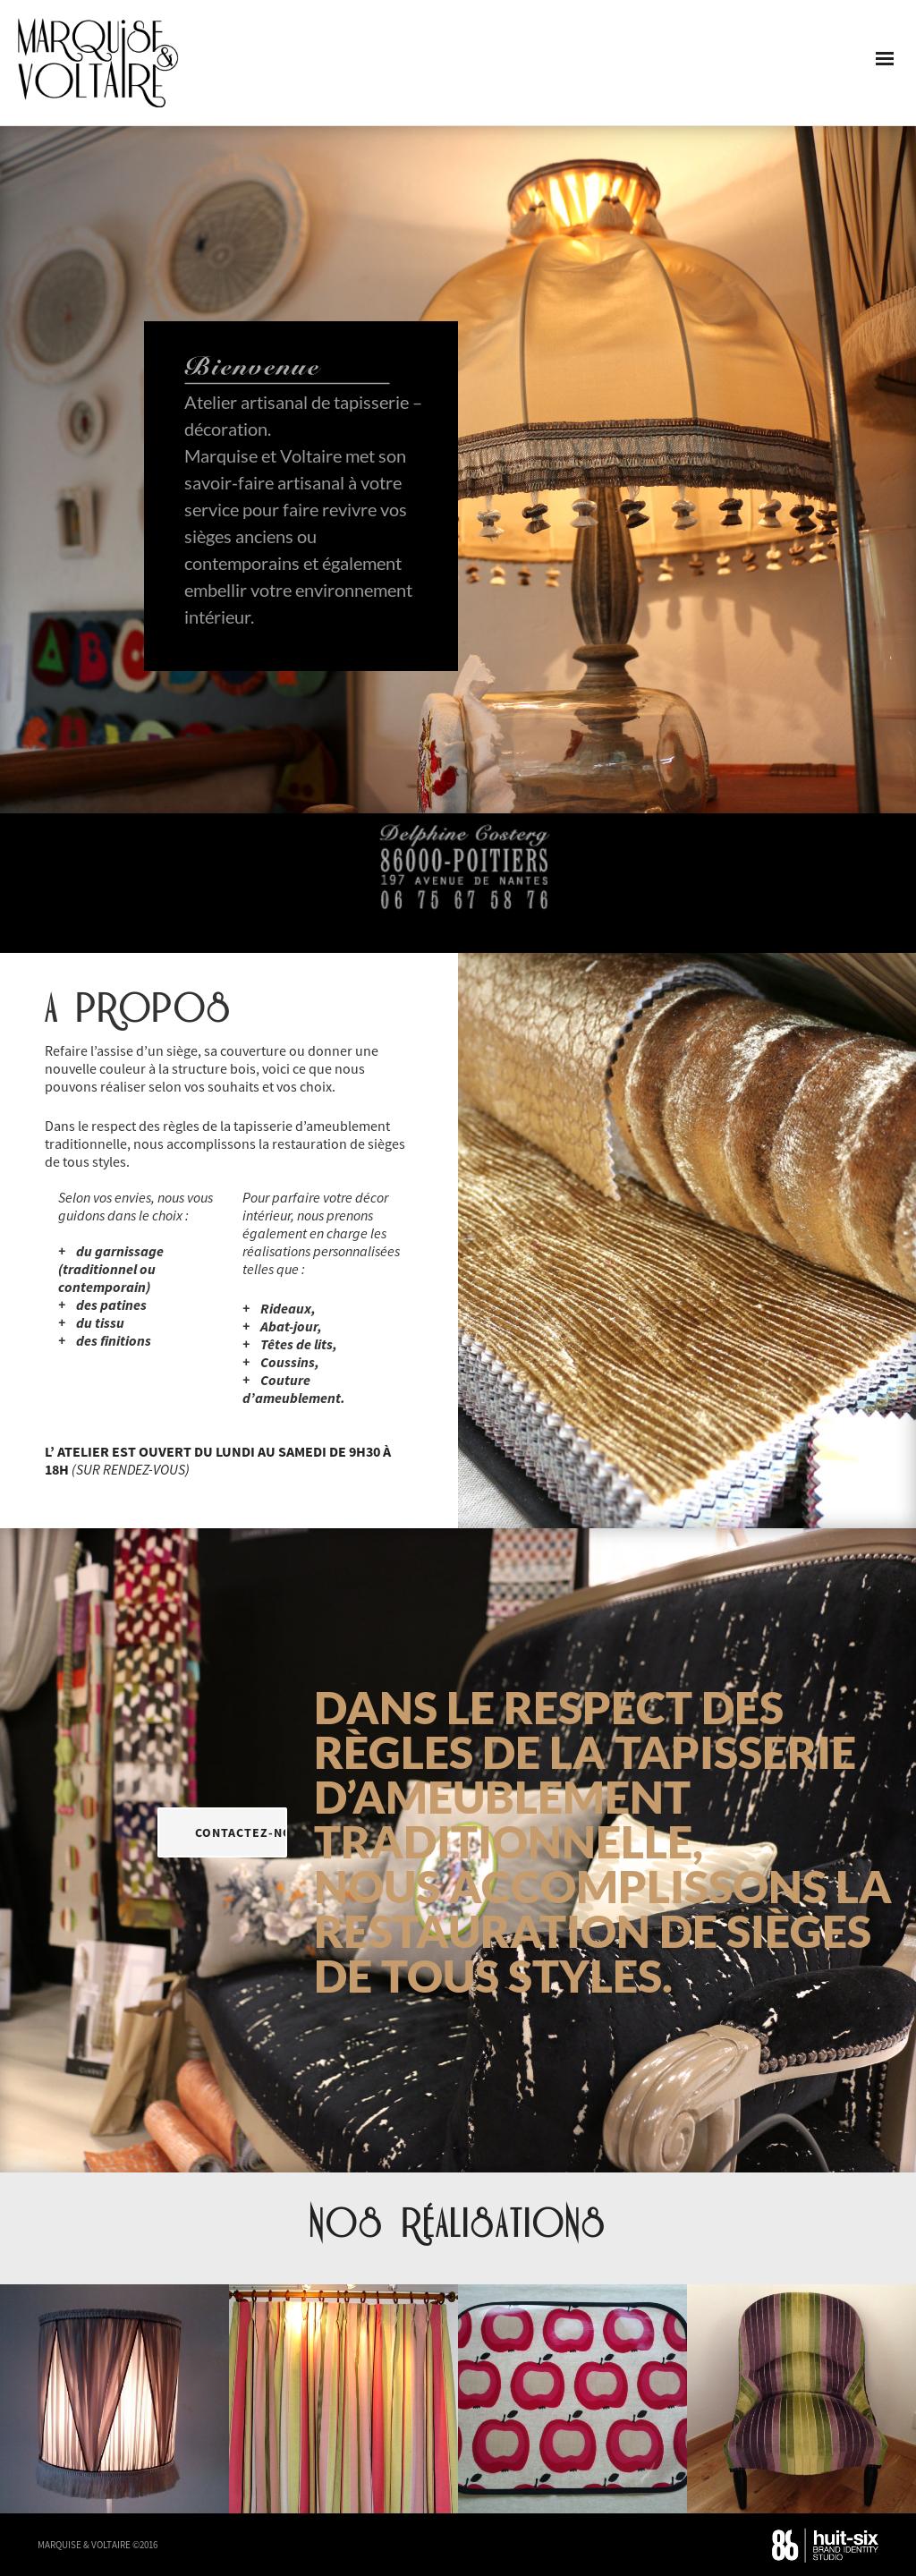 Atelier De La Cuisine Nantes atelier marquise & voltaire competitors, revenue and